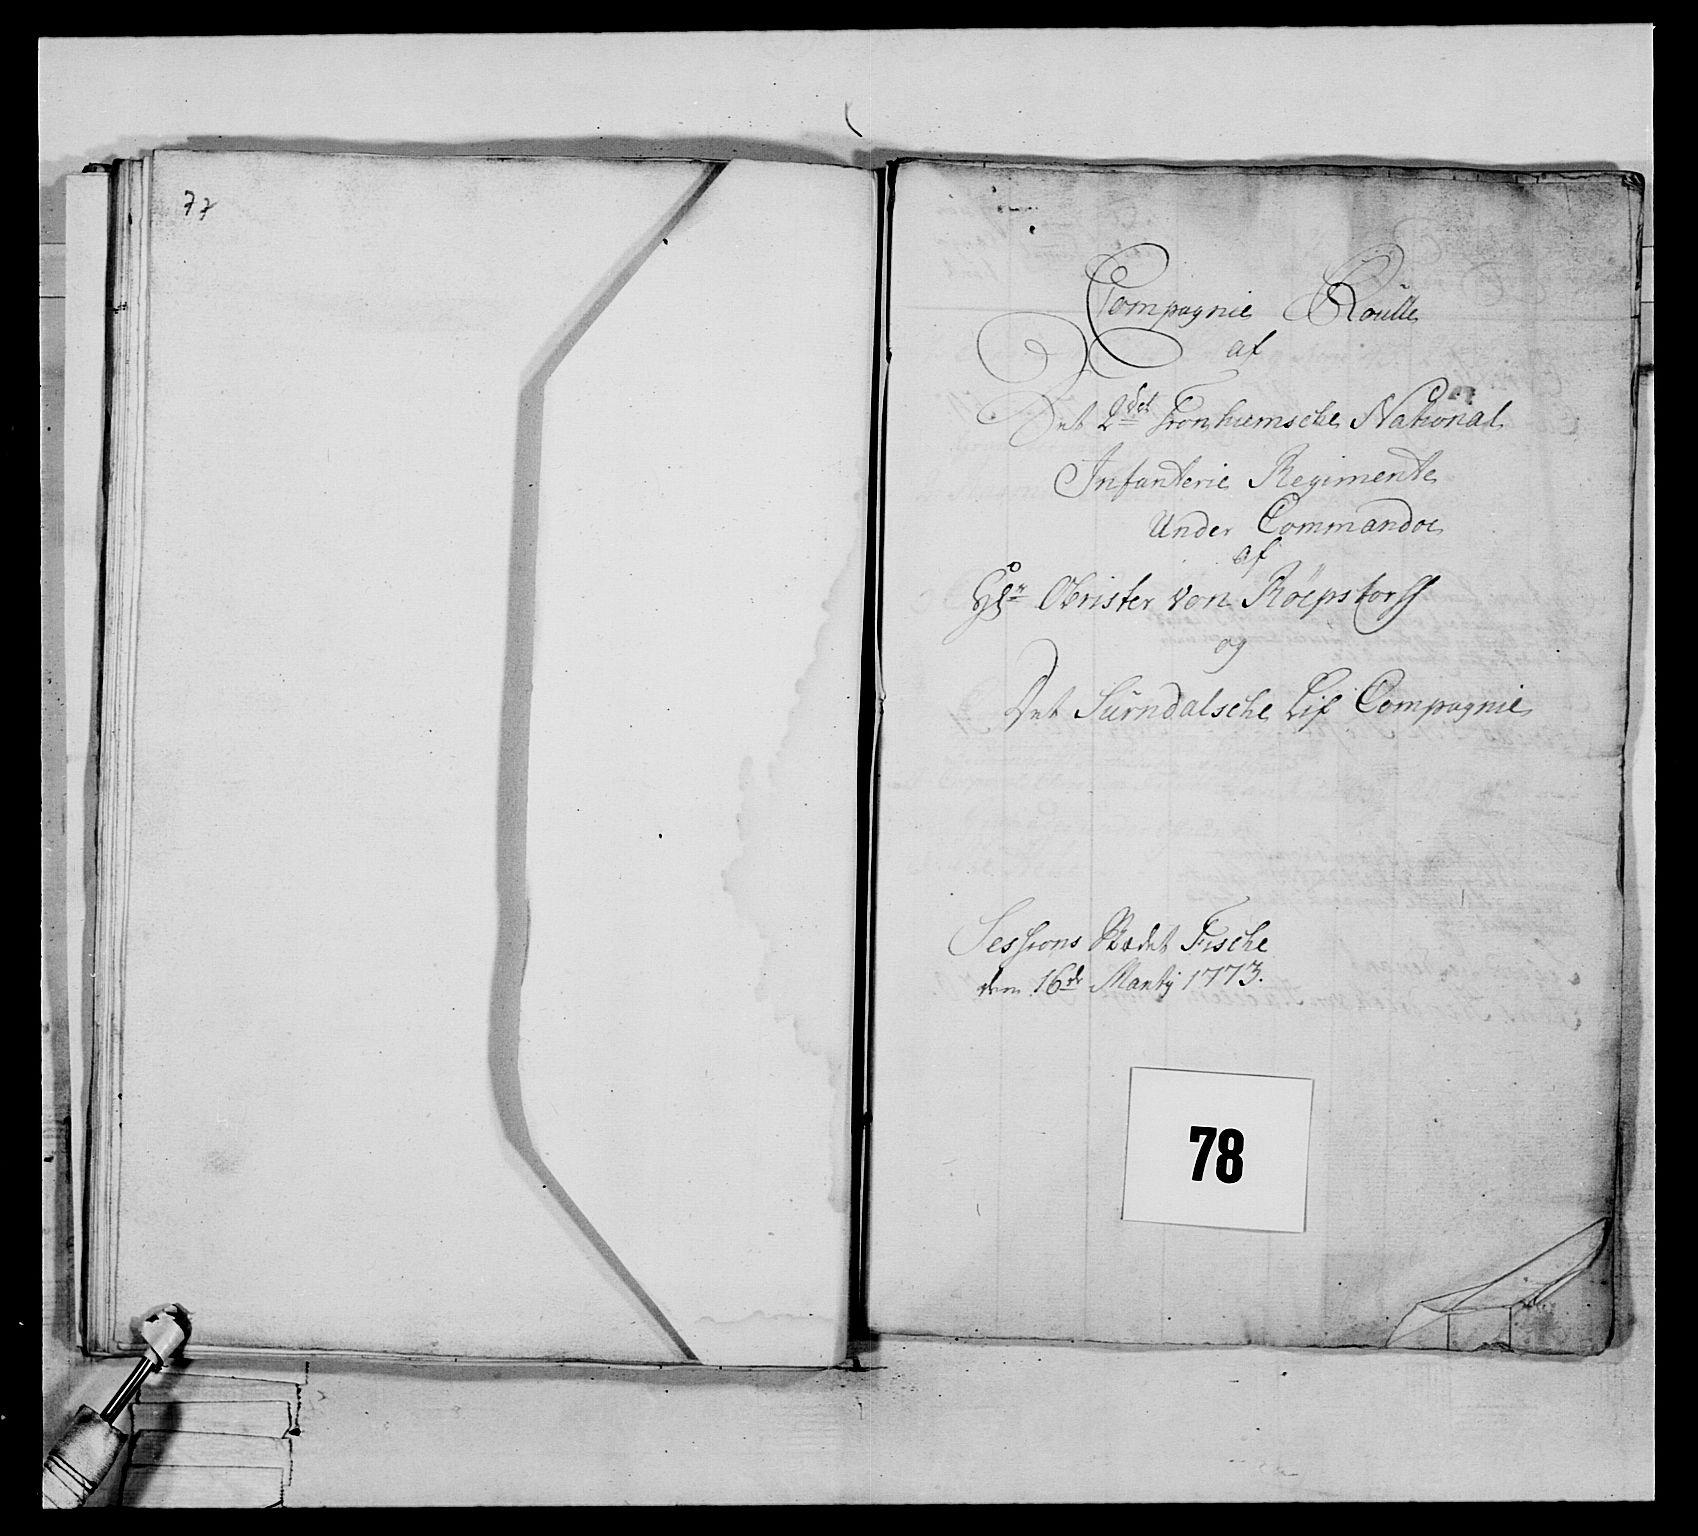 RA, Generalitets- og kommissariatskollegiet, Det kongelige norske kommissariatskollegium, E/Eh/L0076: 2. Trondheimske nasjonale infanteriregiment, 1766-1773, s. 393